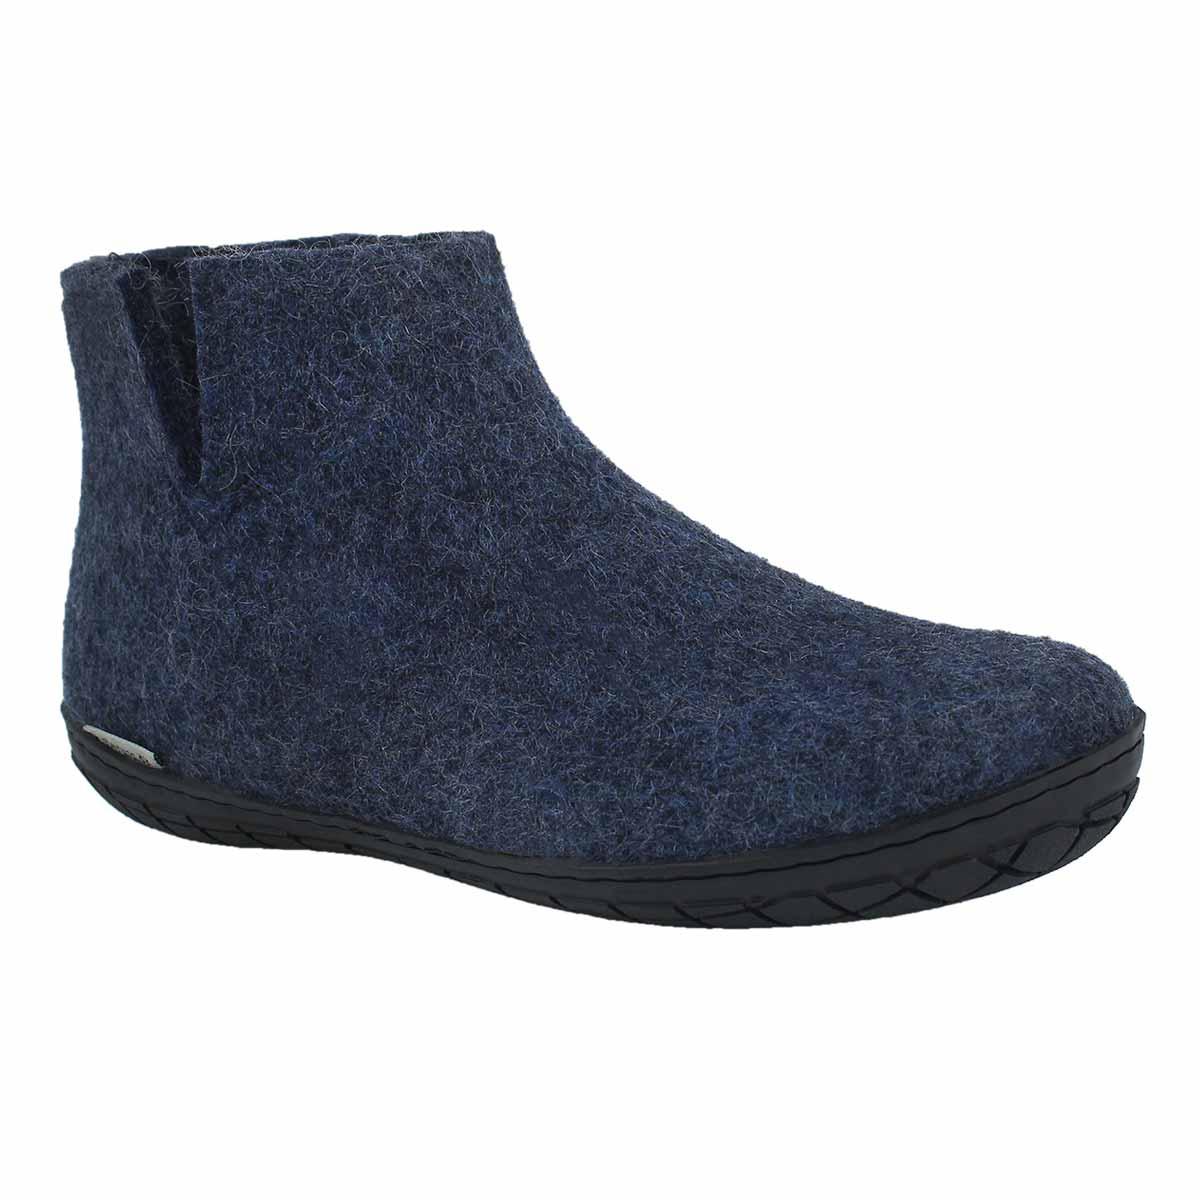 Lds Model GR denim slippers